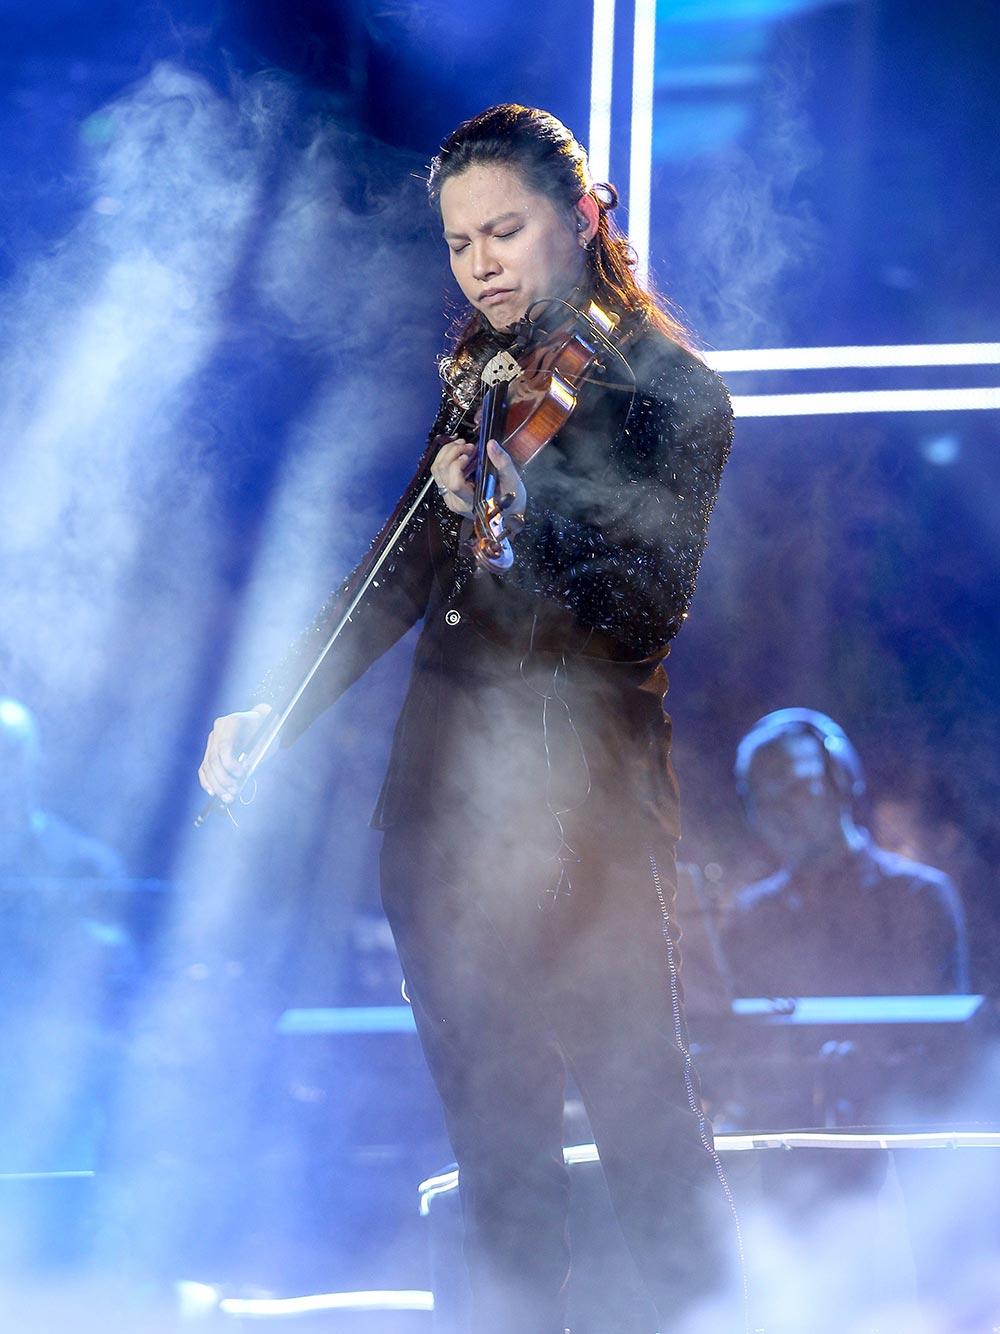 Nghệ sĩ Violin Anh Tú khiến fan mê đắm nhạc phim Hàn - 8